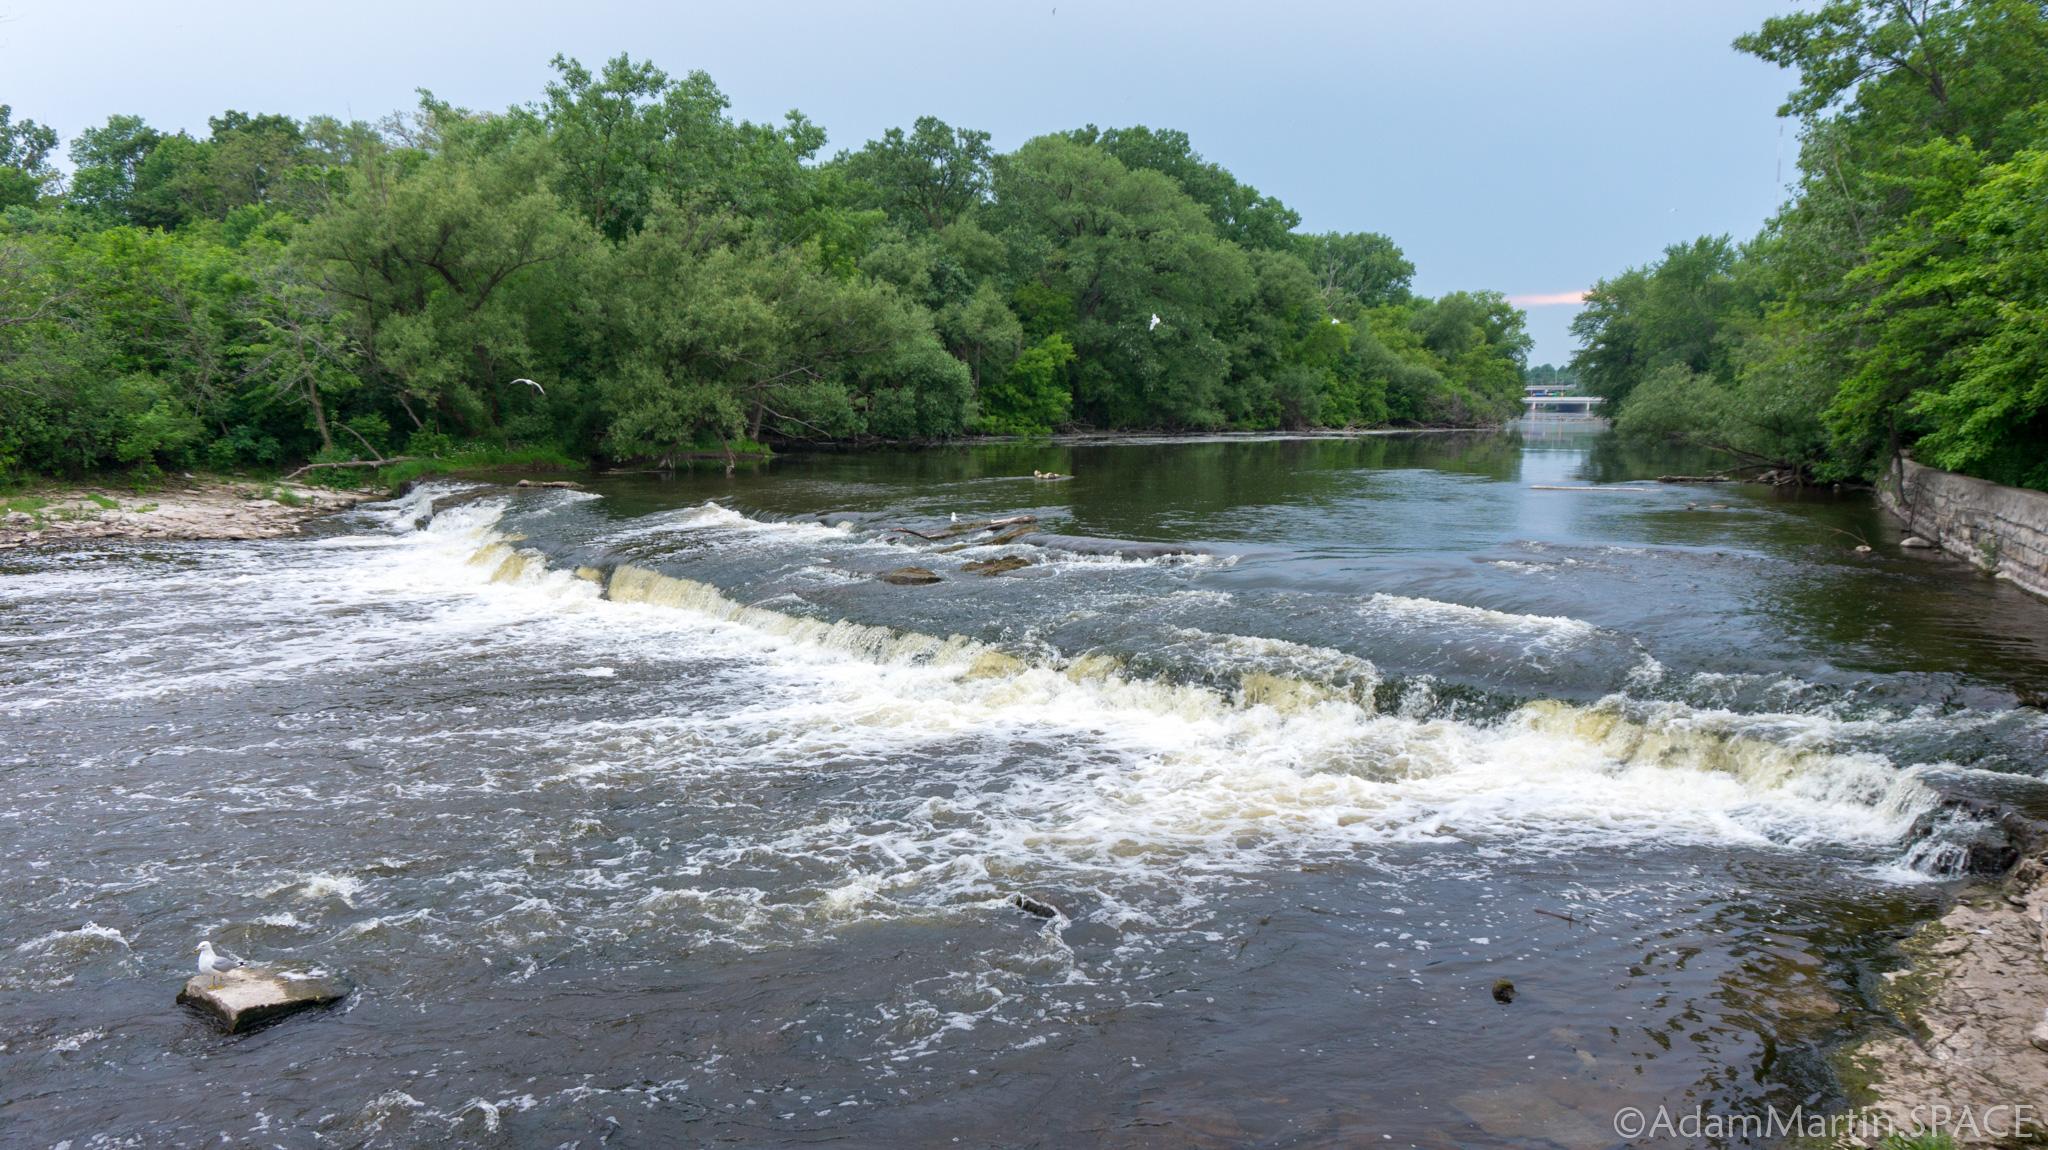 Estabrook Falls